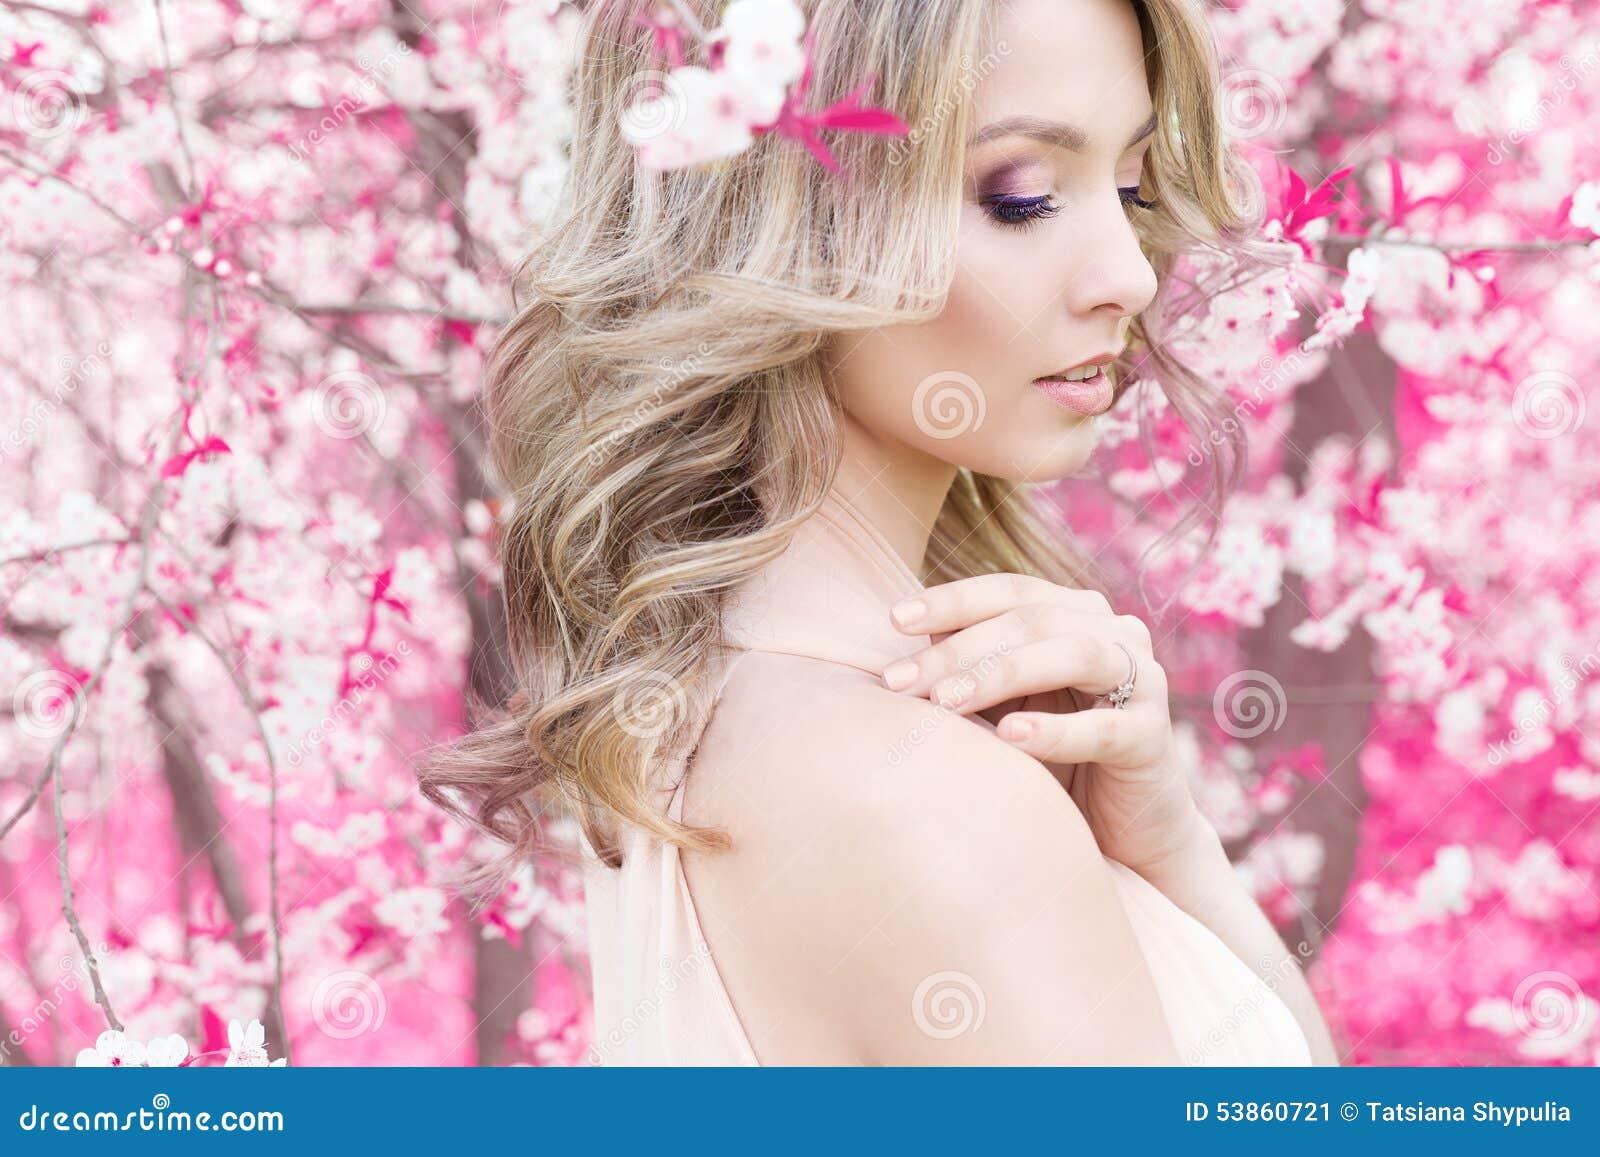 Фото красивых милых нежных девушек 4 фотография